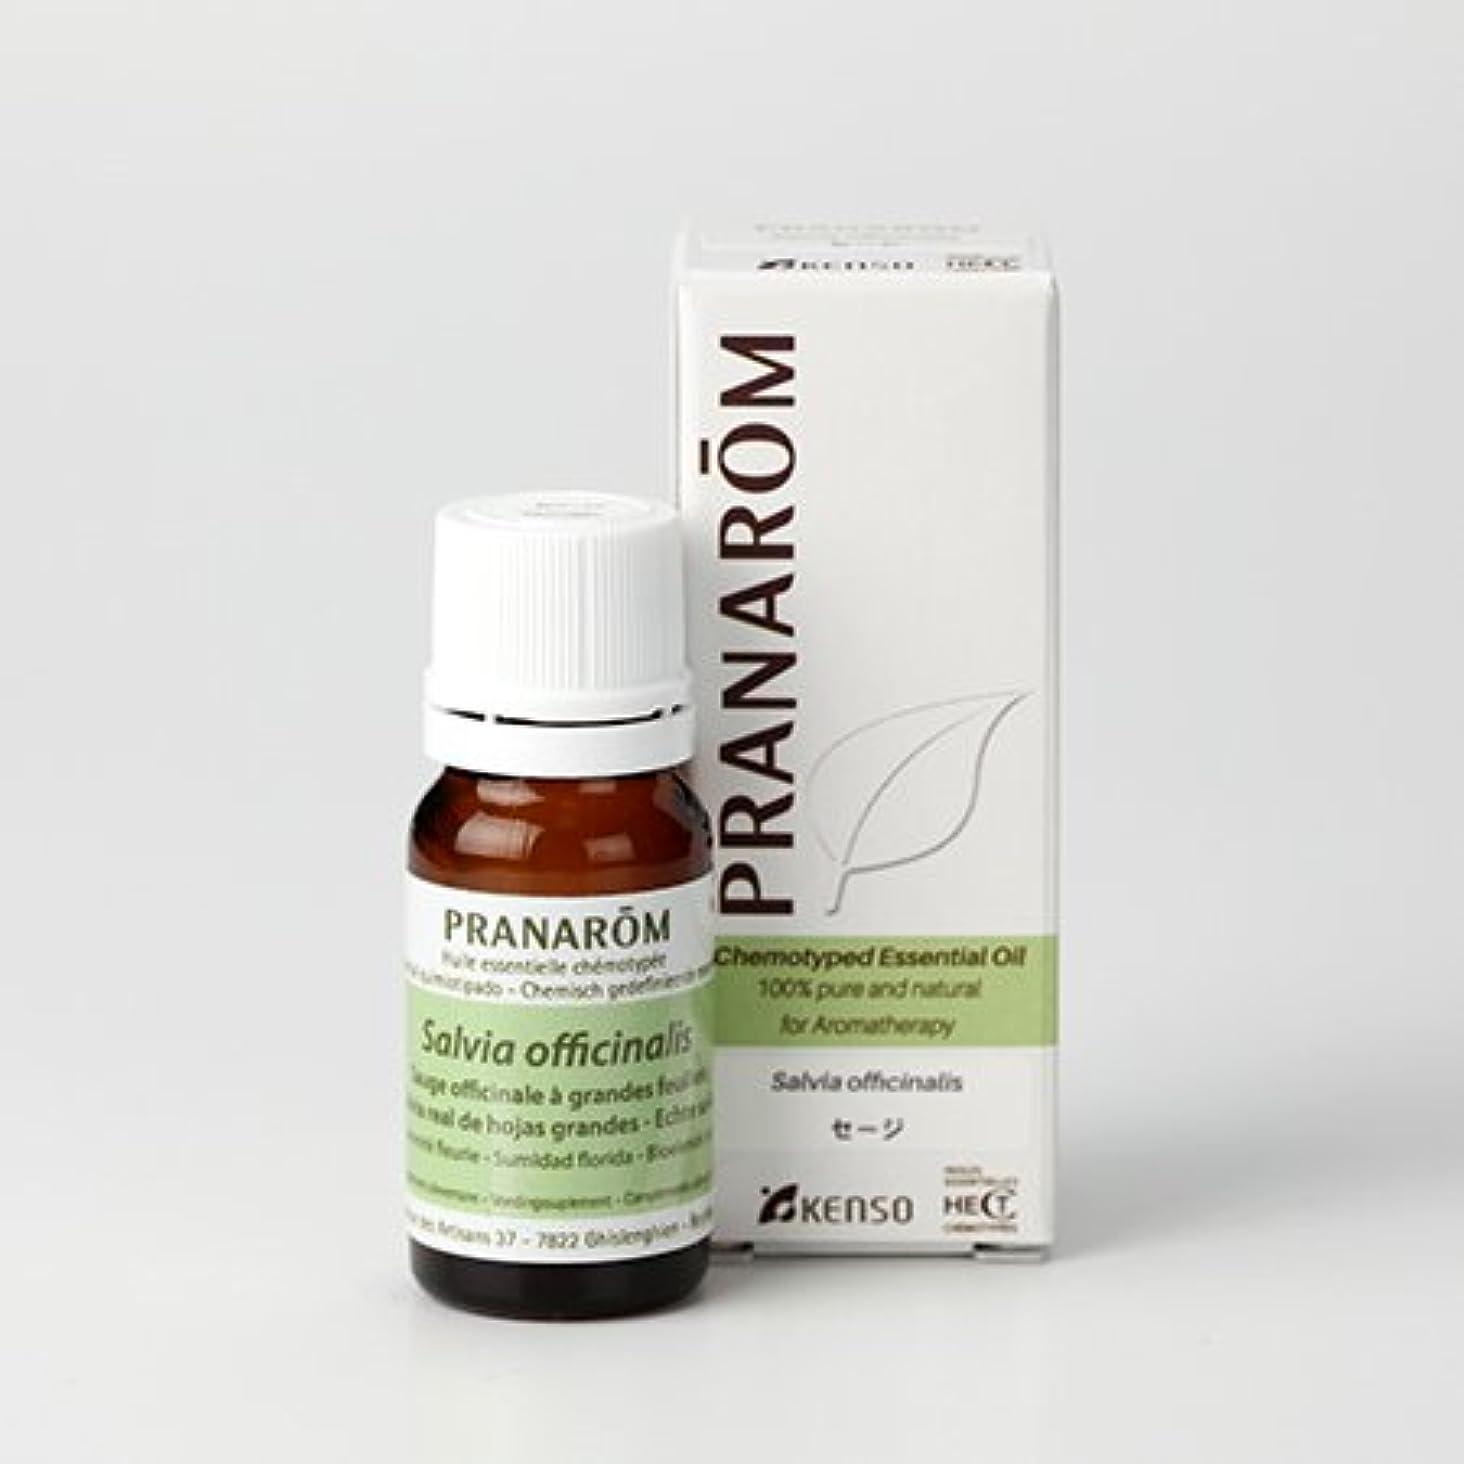 気がついて前投薬ビート【セージ 10ml】→樟脳のようなハッキリとした香り?(リフレッシュハーブ系)[PRANAROM(プラナロム)精油/アロマオイル/エッセンシャルオイル]P-164